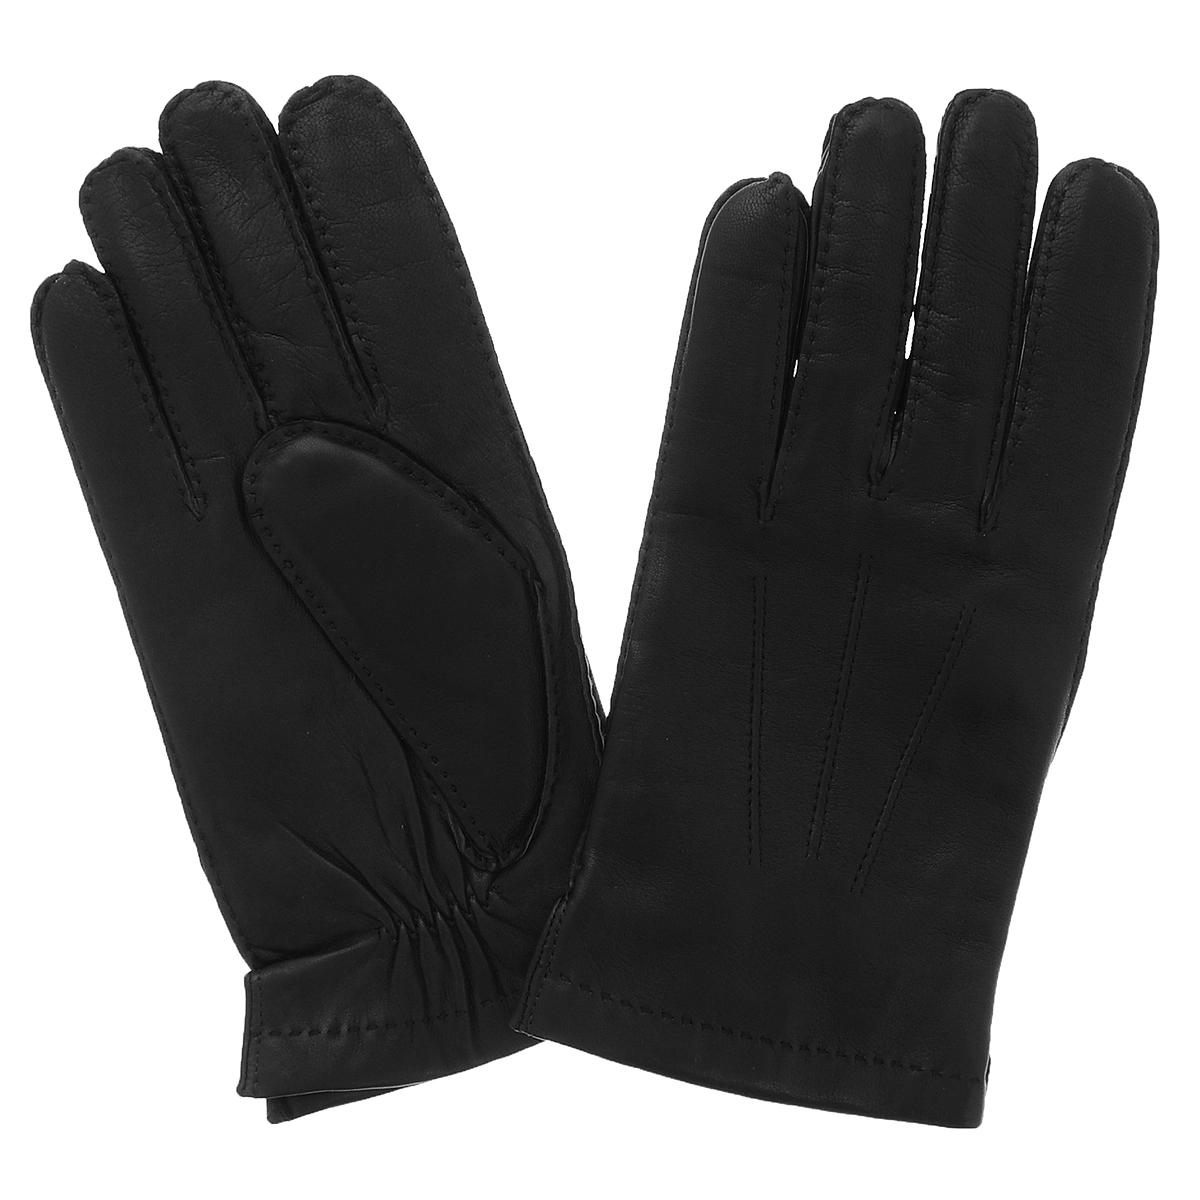 ПерчаткиK100-ATO/BL.BRСтильные мужские перчатки Michel Katana не только защитят ваши руки, но и станут великолепным украшением. Перчатки выполнены из чрезвычайно мягкой и приятной на ощупь натуральной кожи ягненка, а их подкладка - из шерсти. Перчатки оформлены декоративными стежками. Под большим пальцем предусмотрена сборка на резинку. Модель благодаря своему лаконичному исполнению прекрасно дополнит образ любого мужчины и сделает его более стильным, придав тонкую нотку брутальности. Создайте элегантный образ и подчеркните свою яркую индивидуальность новым аксессуаром!